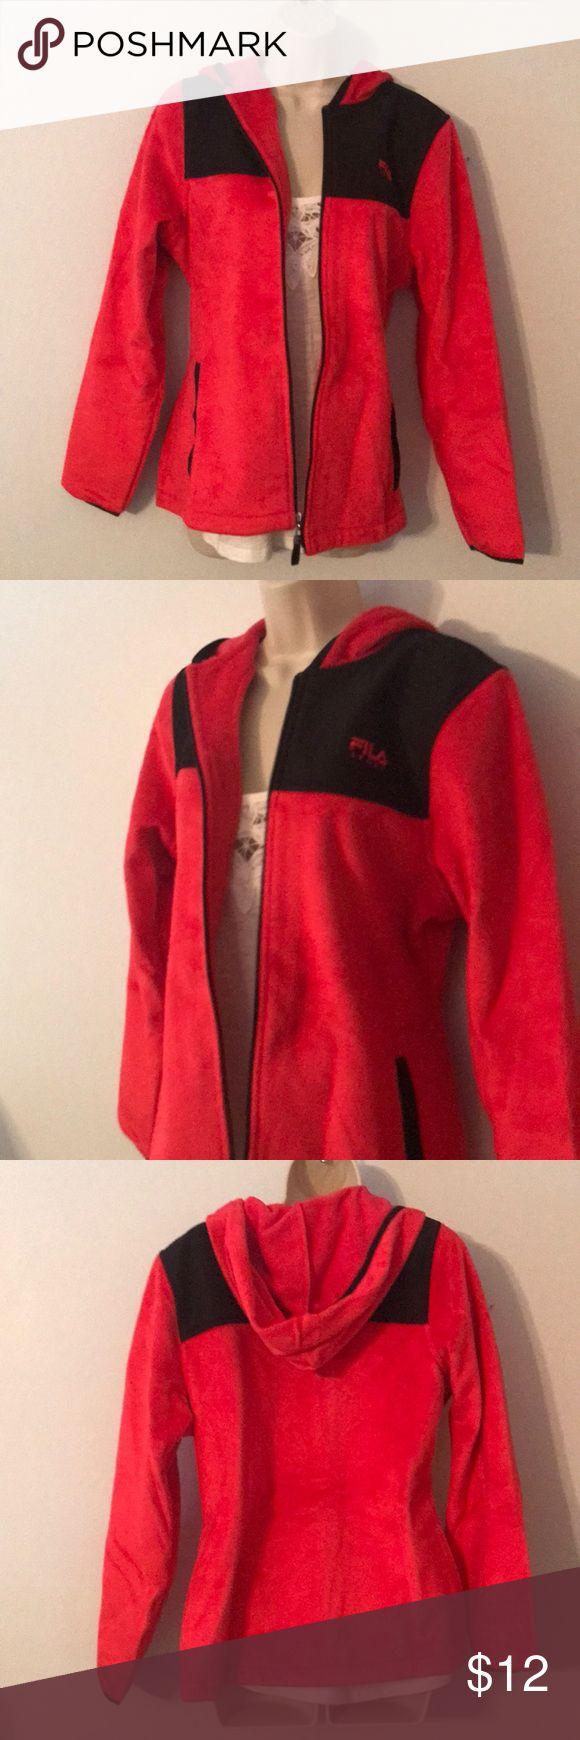 Fila Hooded Fleece Sweatshirt